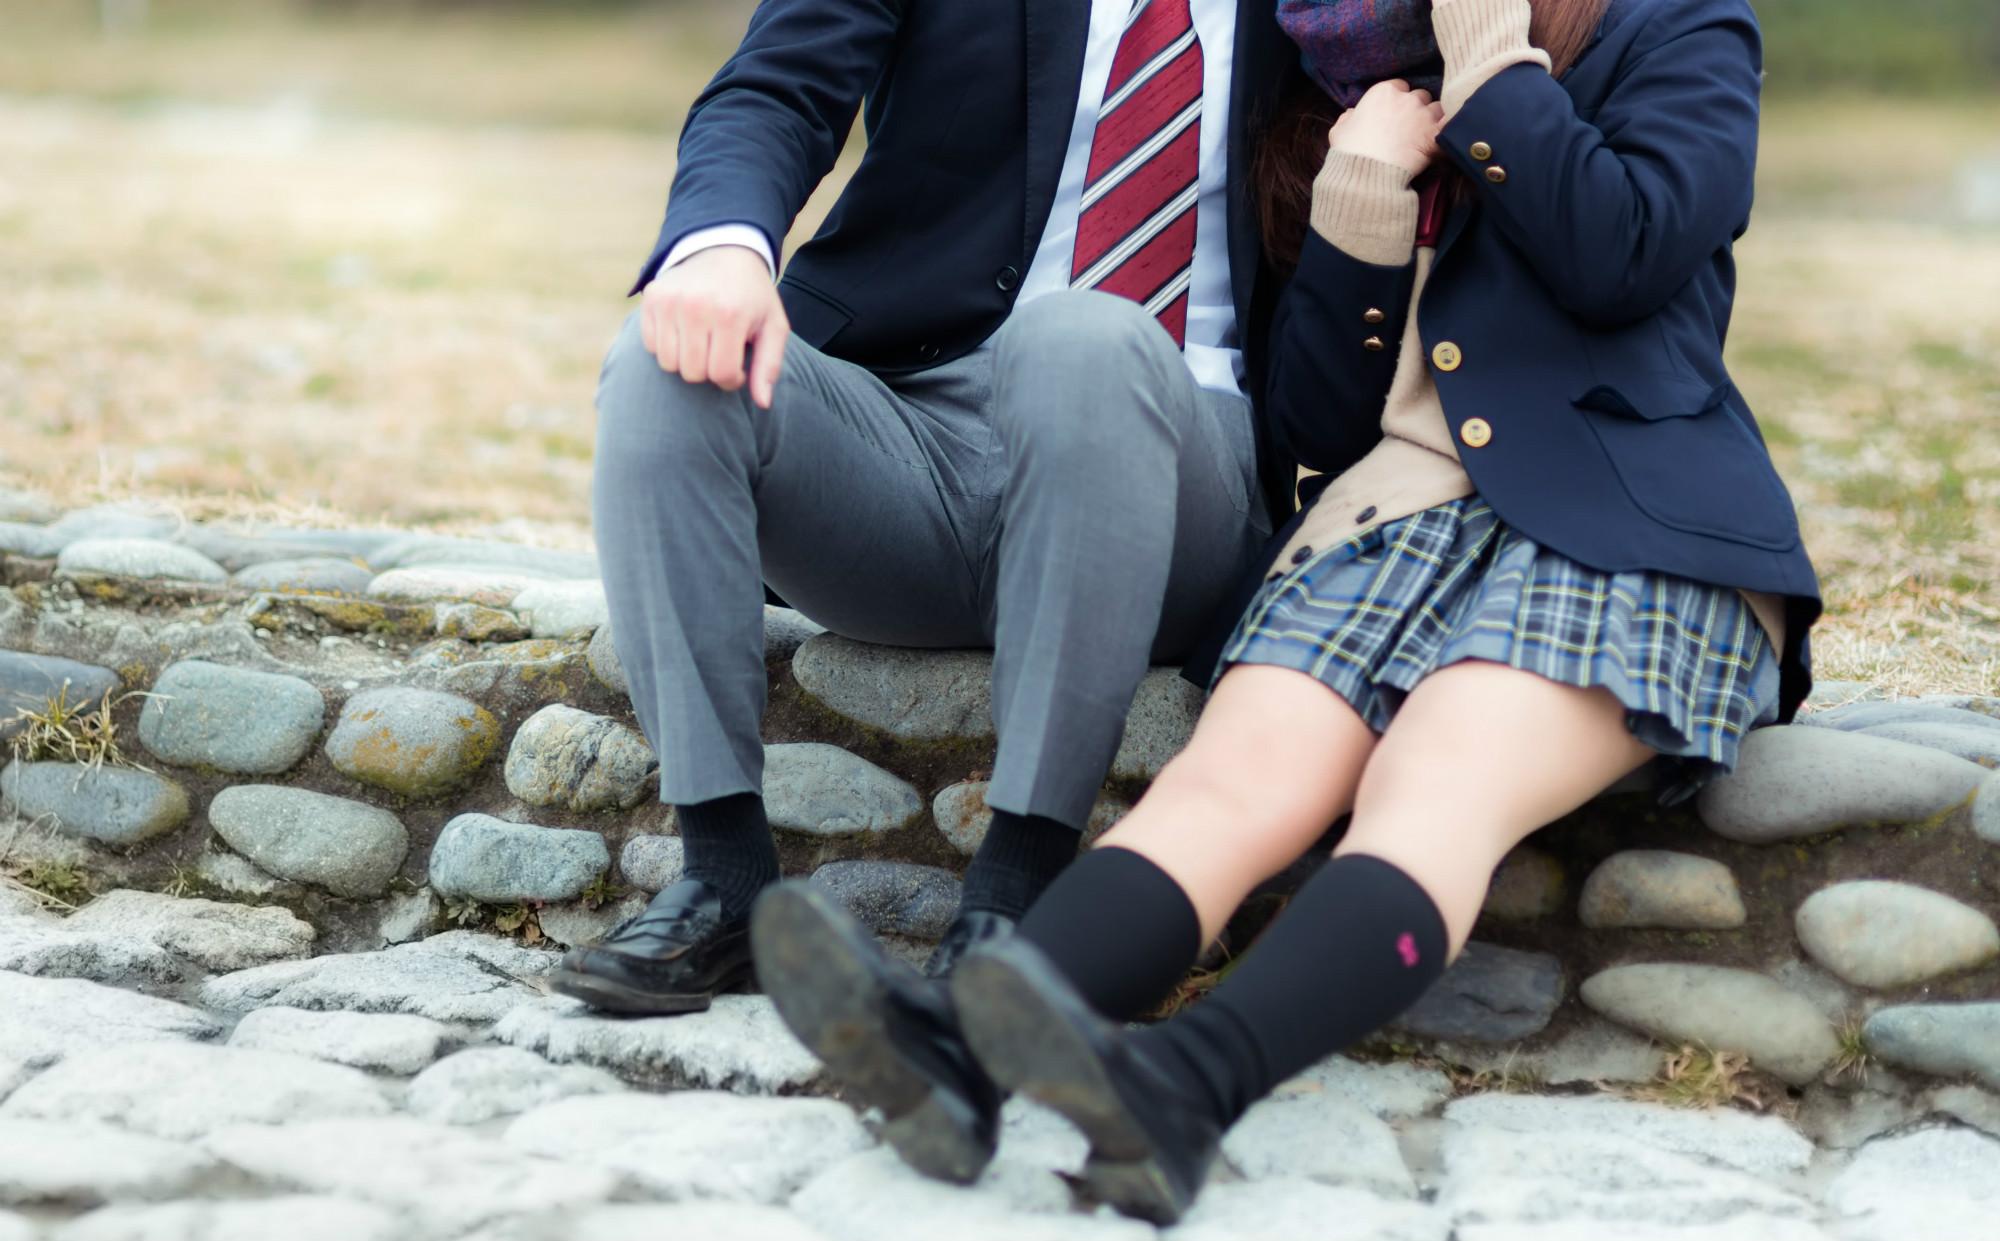 日本の10代の妊娠中絶は1日約53件!他人事ではない若者の性のリアル-性教育が性行動を助長するという誤解